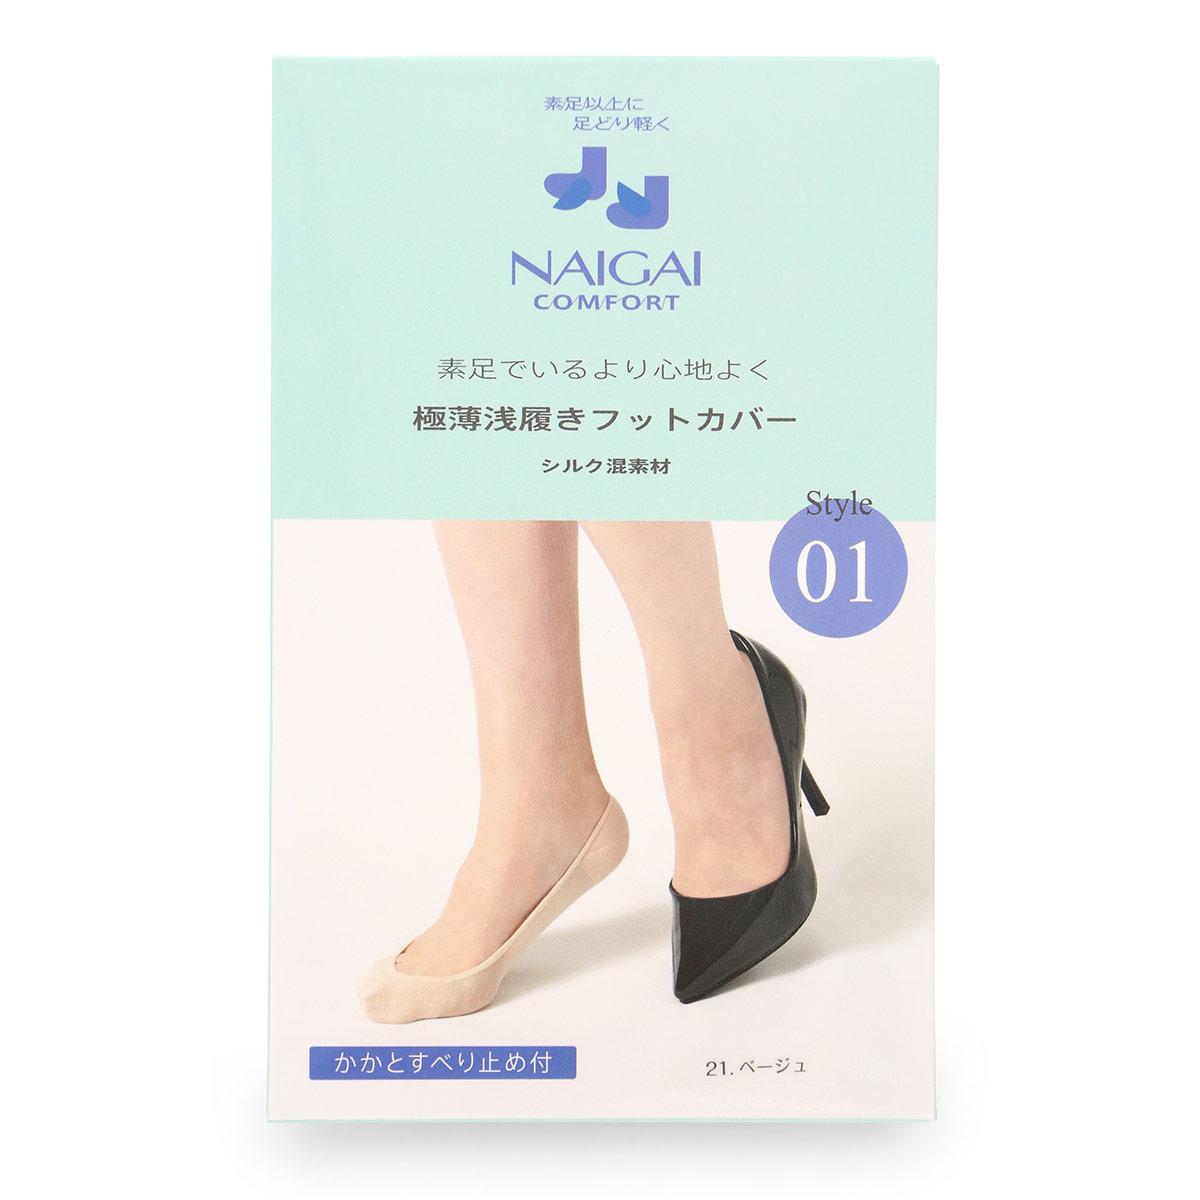 NAIGAI COMFORT ナイガイ コンフォート シルク混 極薄 浅履き フットカバー  ナイガイ製・カバーソックス かかとすべり止め付 レッグソリューション 3070-101【ゆうパケット・4点まで】